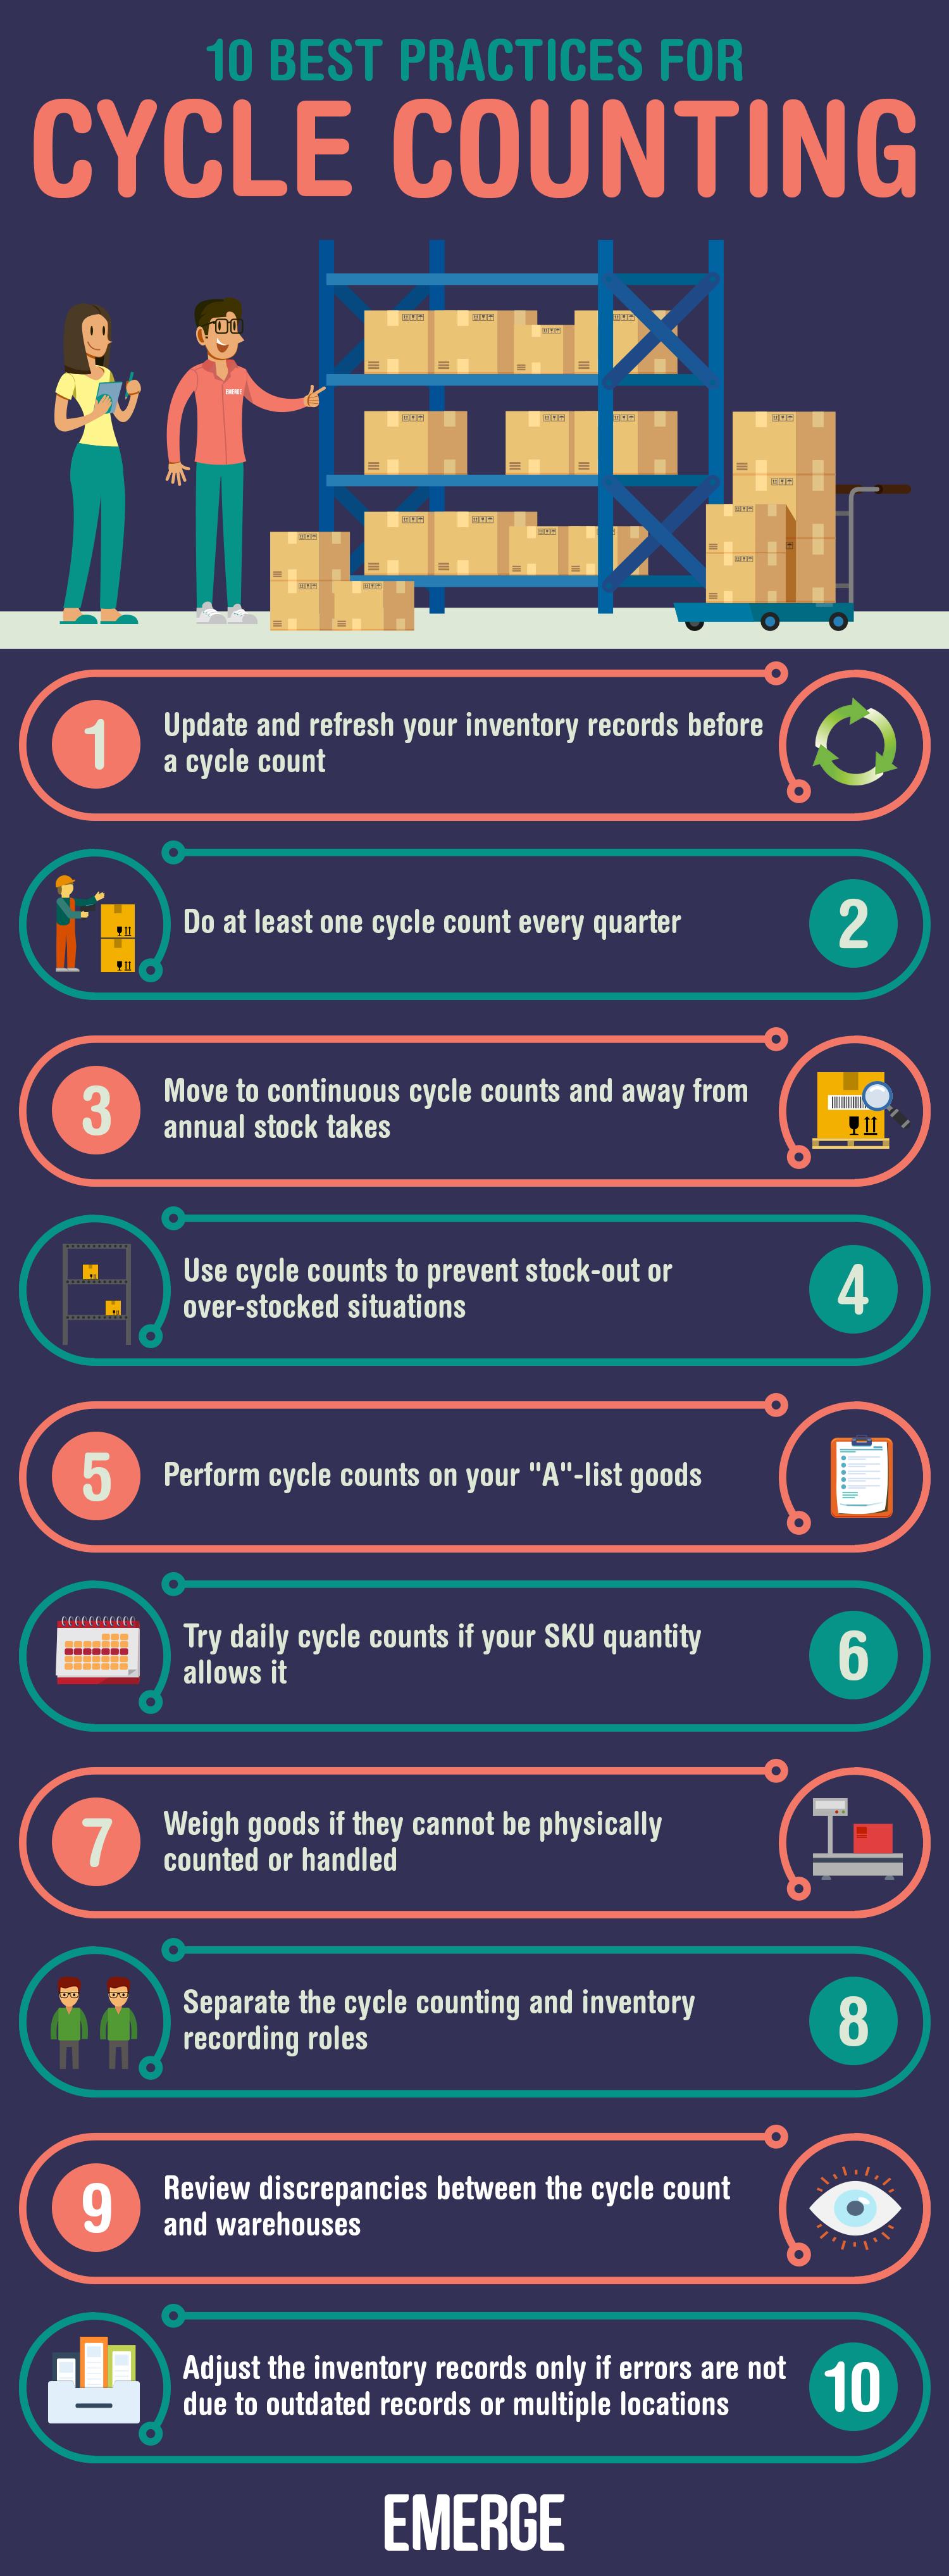 库存盘点的十个技巧